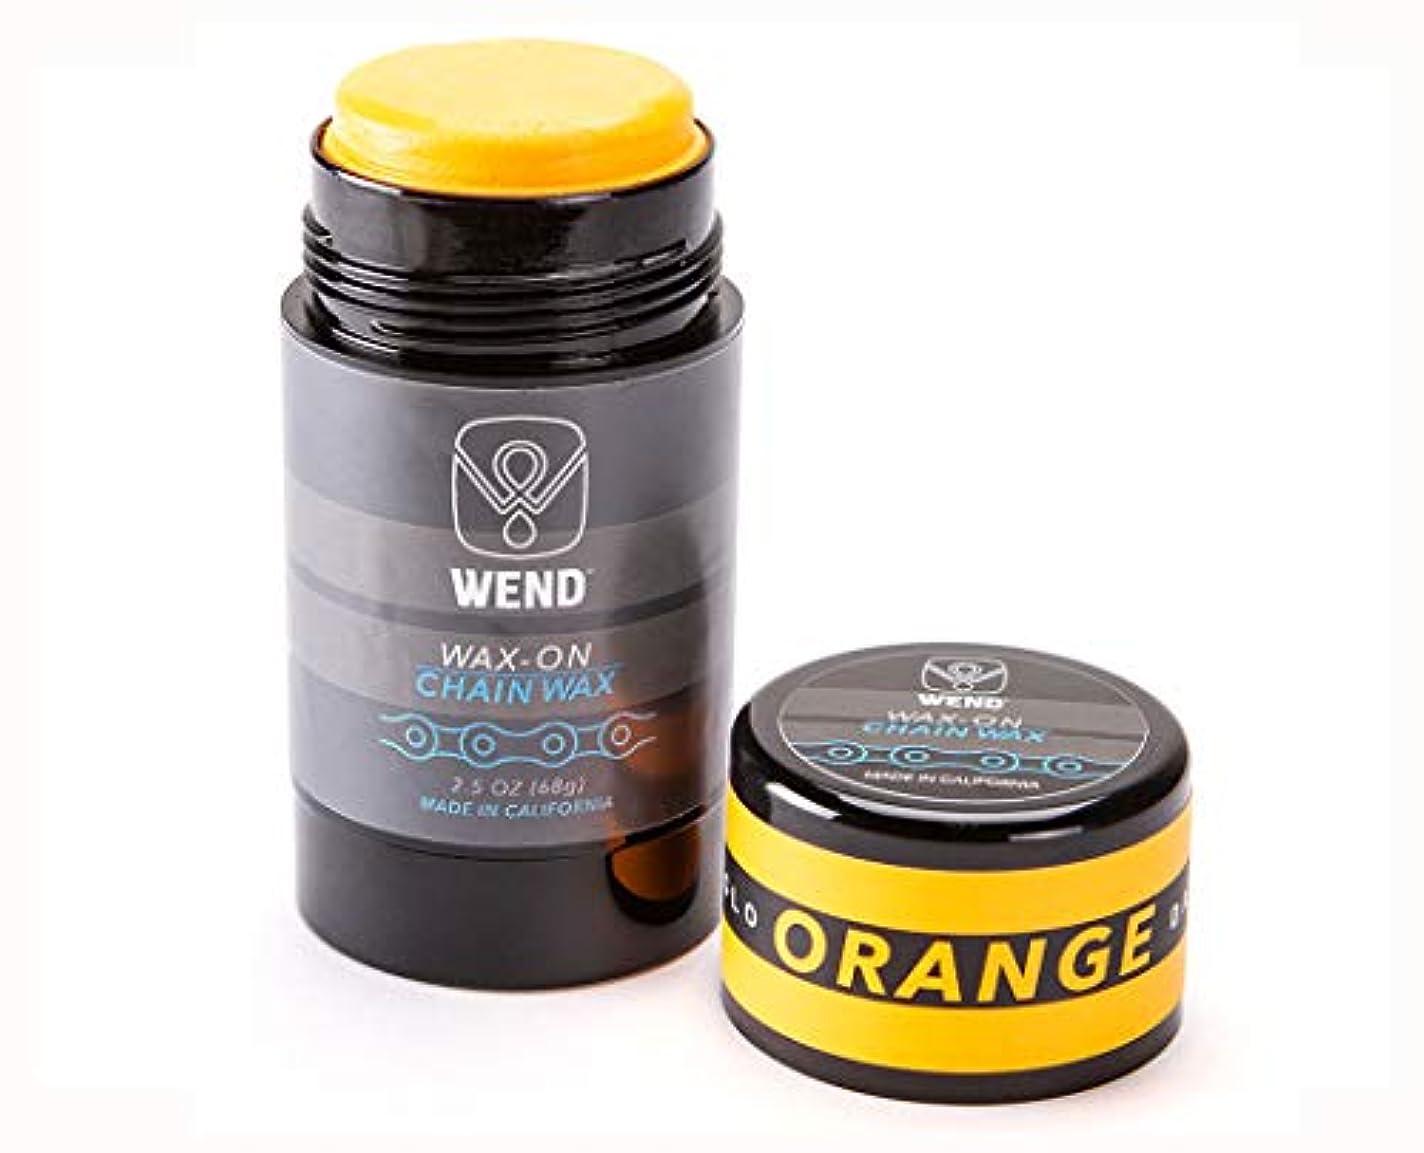 にんじん一目電信WEND(ウェンド) WAX-ON カラー チェーンワックス[オレンジ] 2.5oz(約70g)